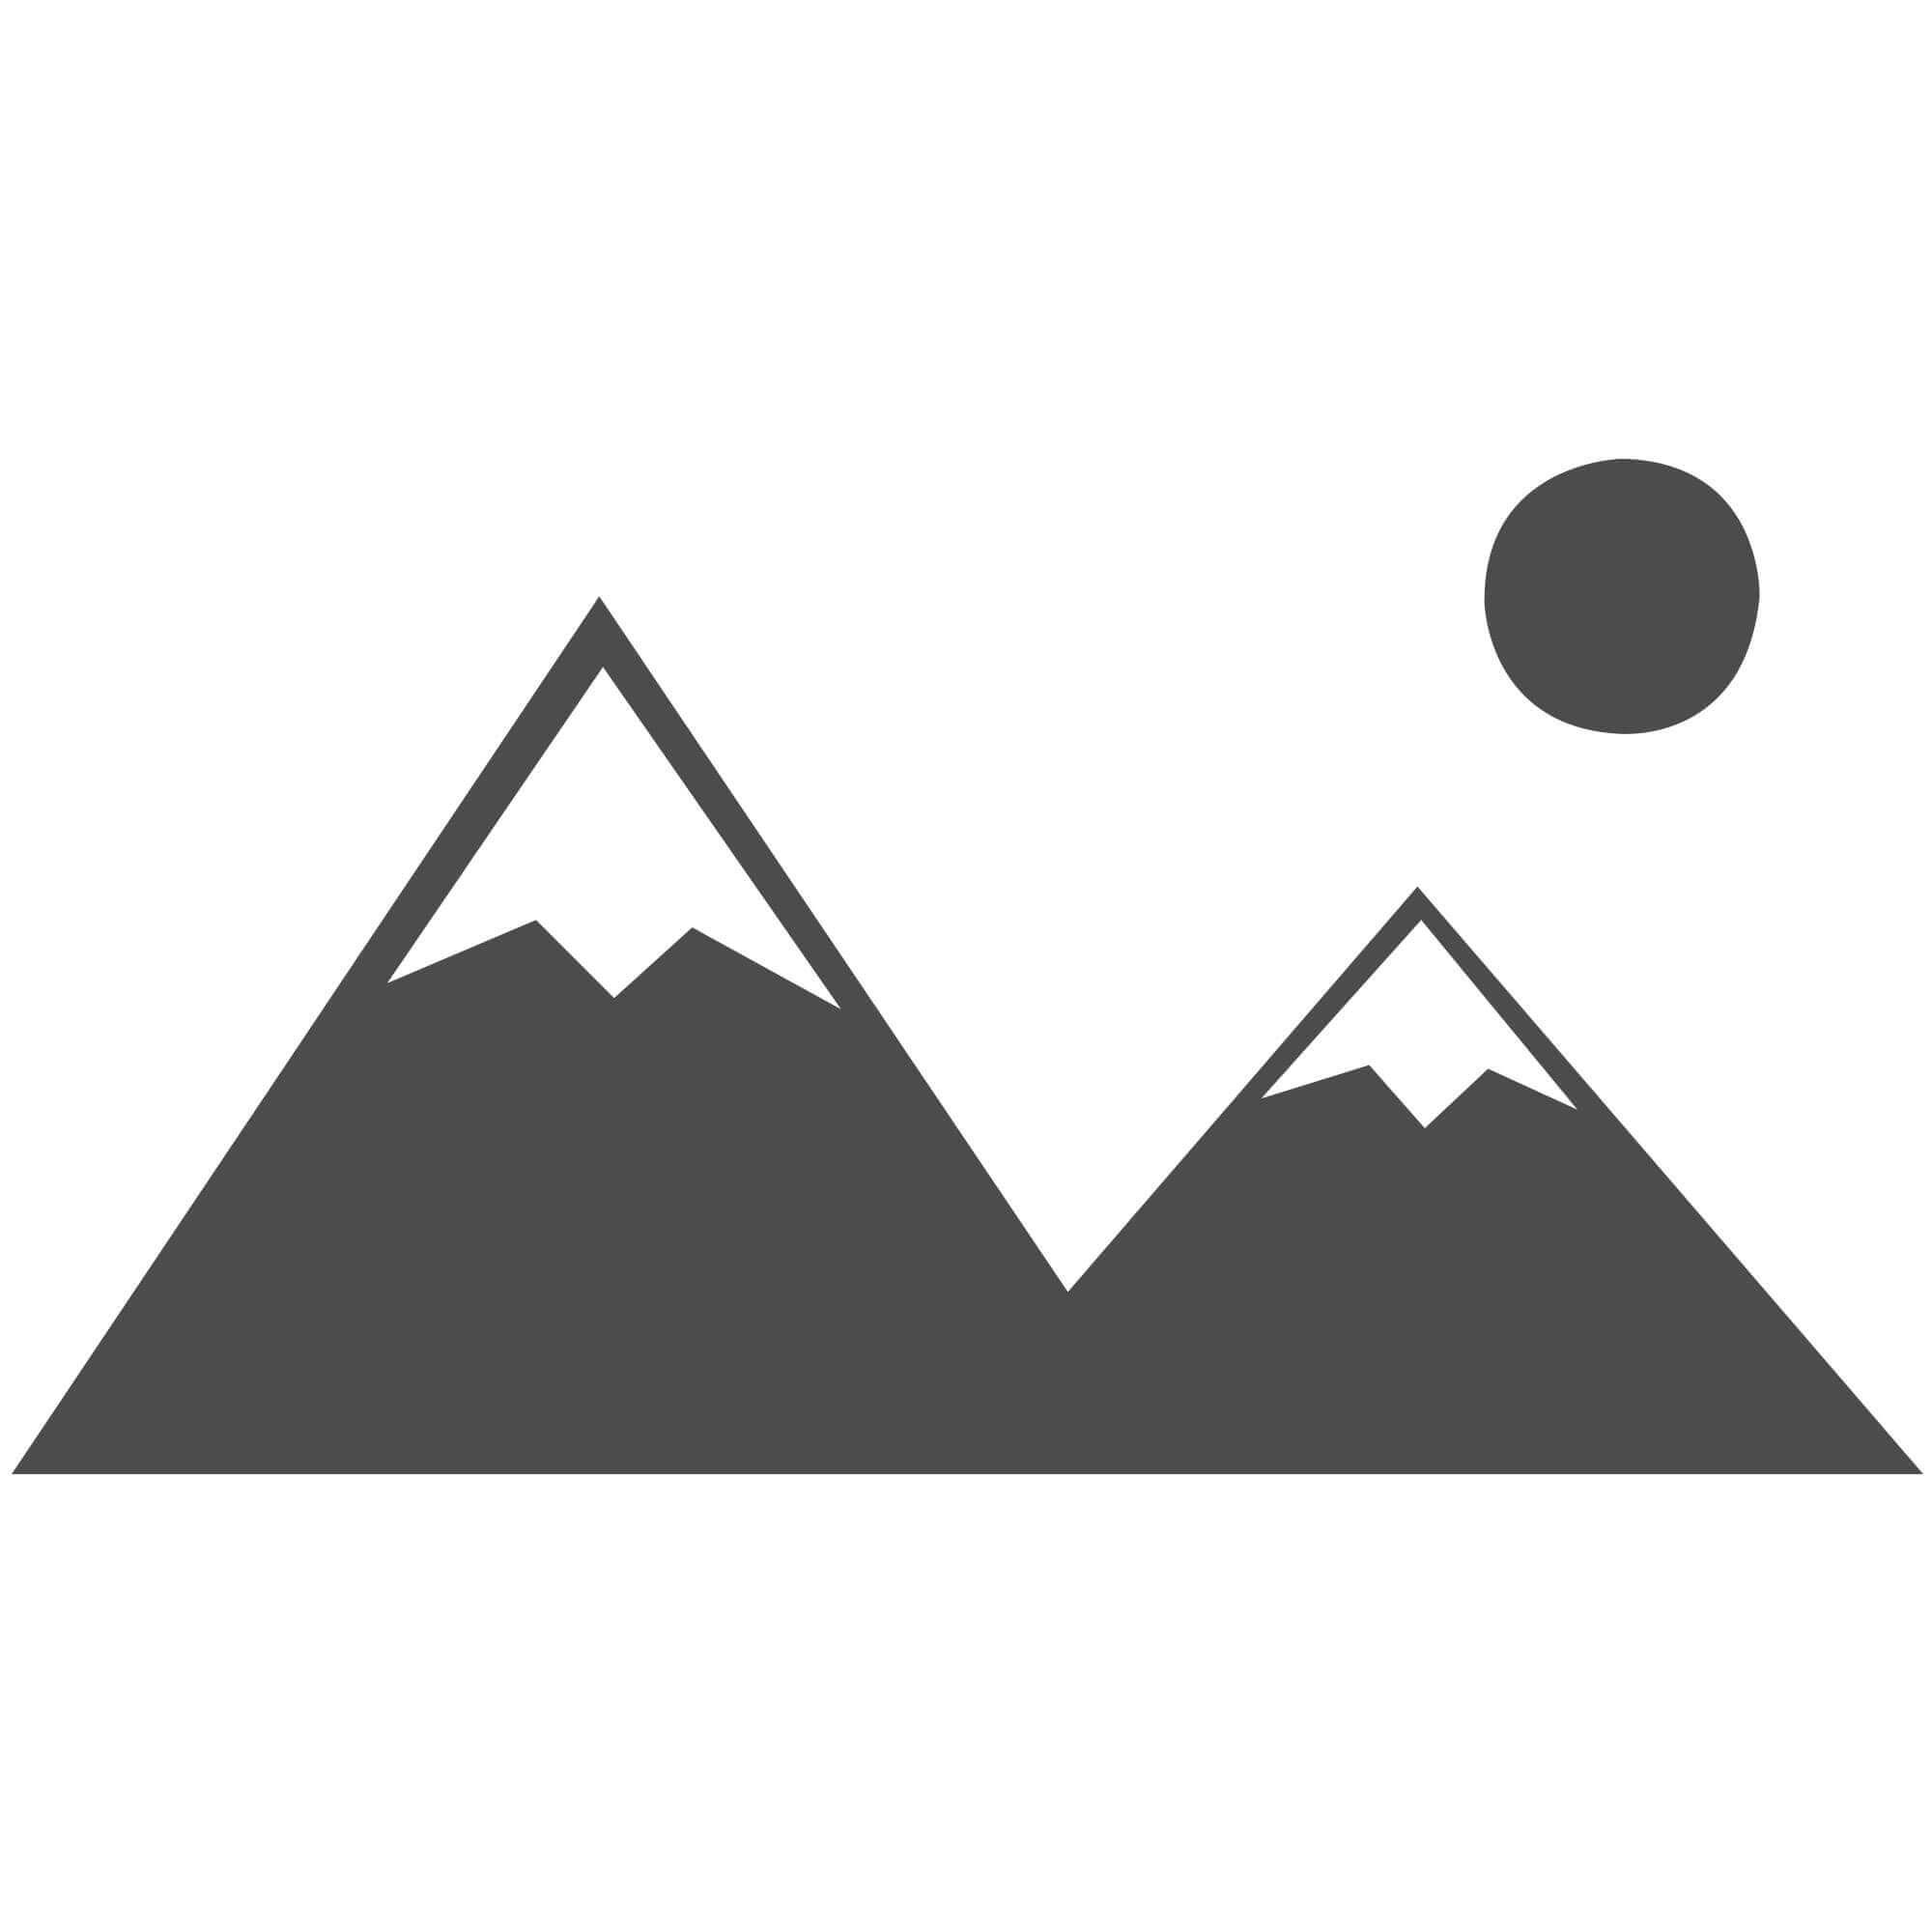 """Pearl Shaggy Mauve Rug - Size 80 x 150 cm (2'8"""" x 5')"""